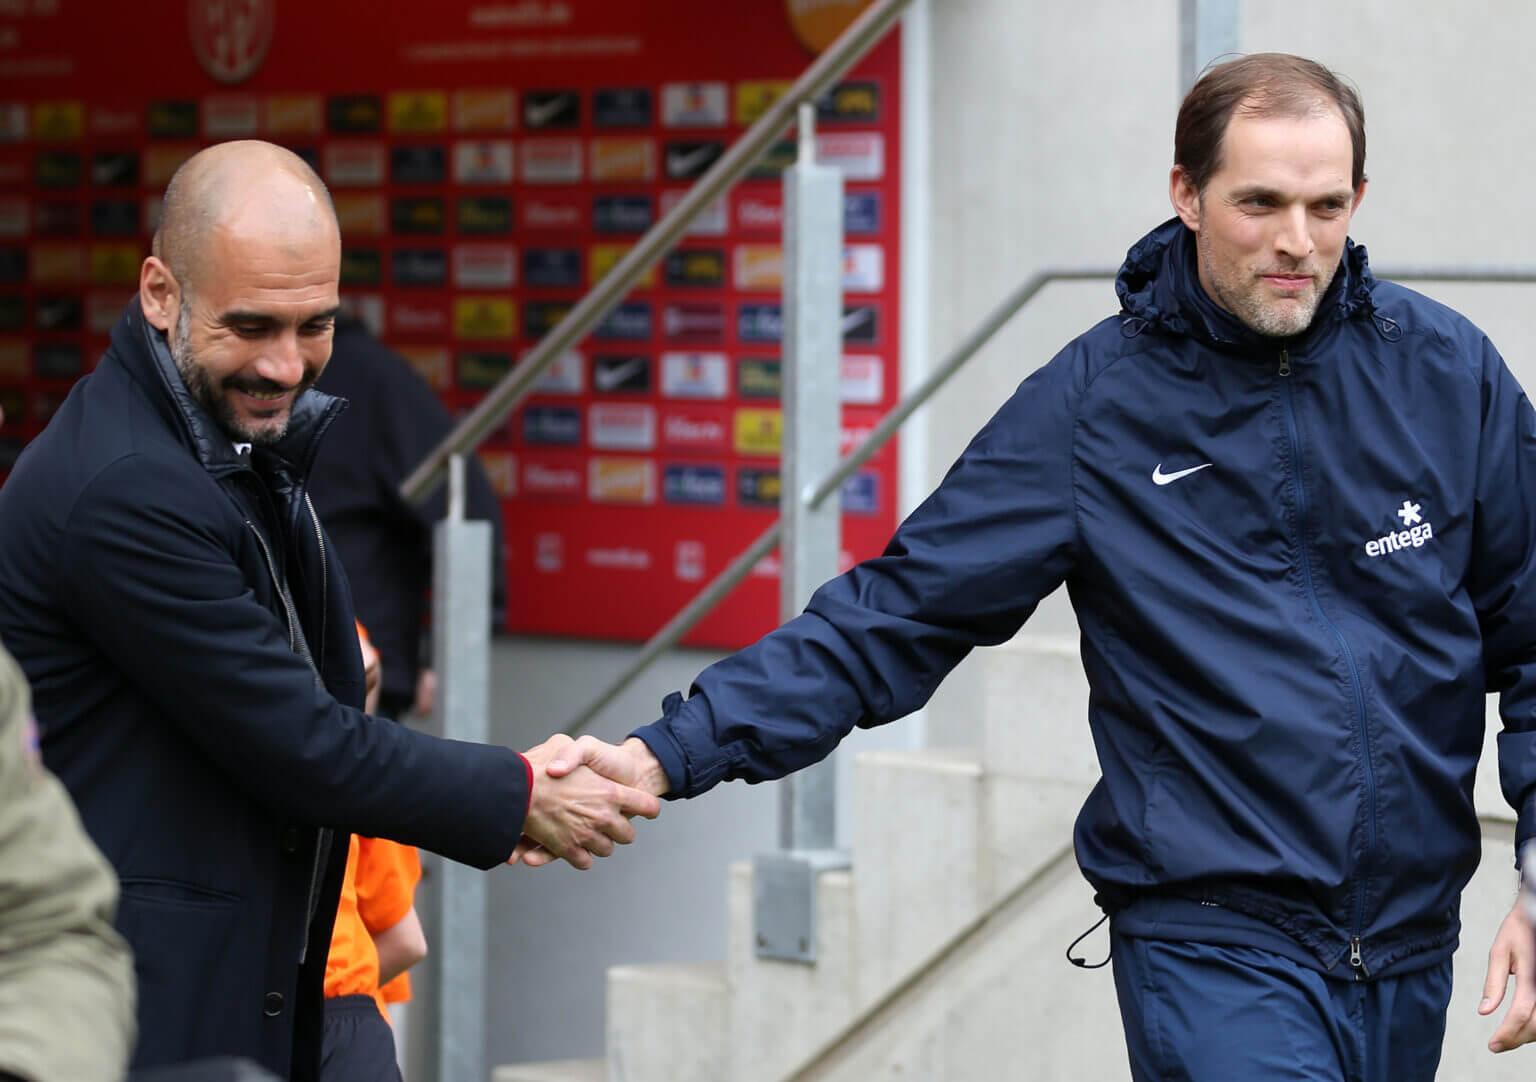 Việc Tuchel chấp nhận gắn bó với Mainz trong thời gian dài và biến CLB này thành đối thủ đáng gờm là điều Pep rất nể phục